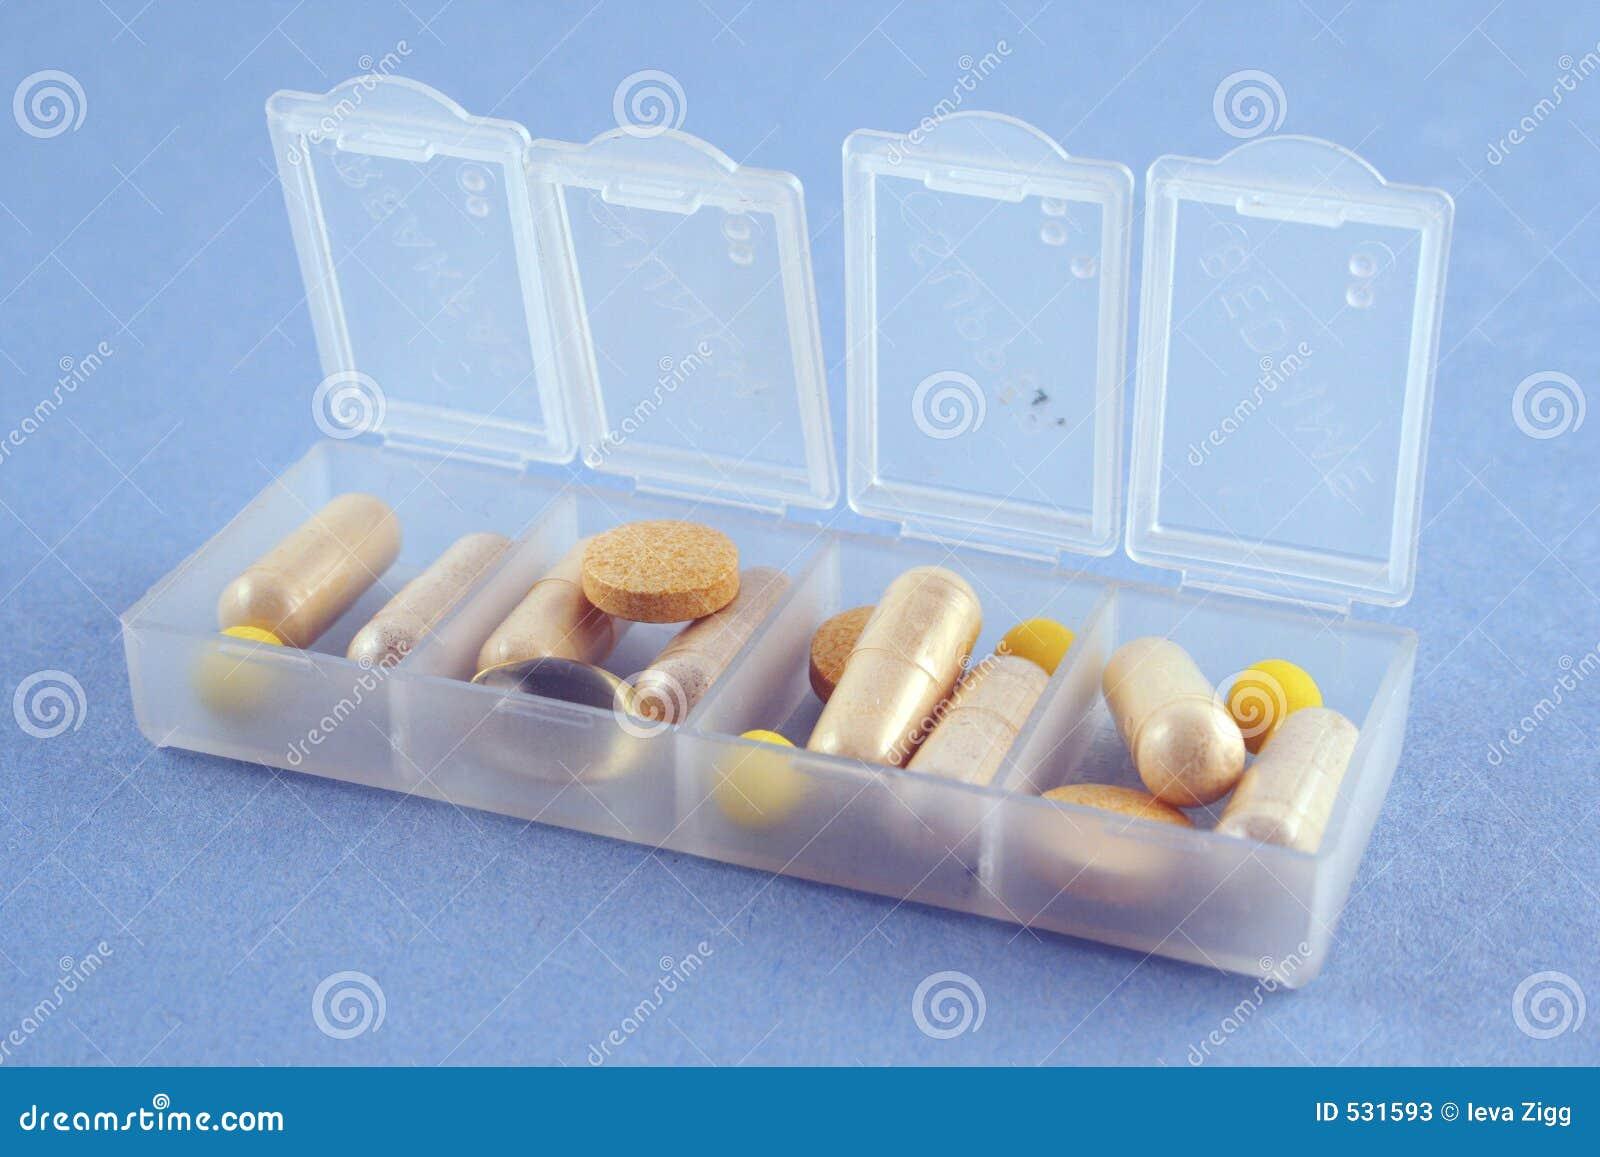 Dosagem diária da droga